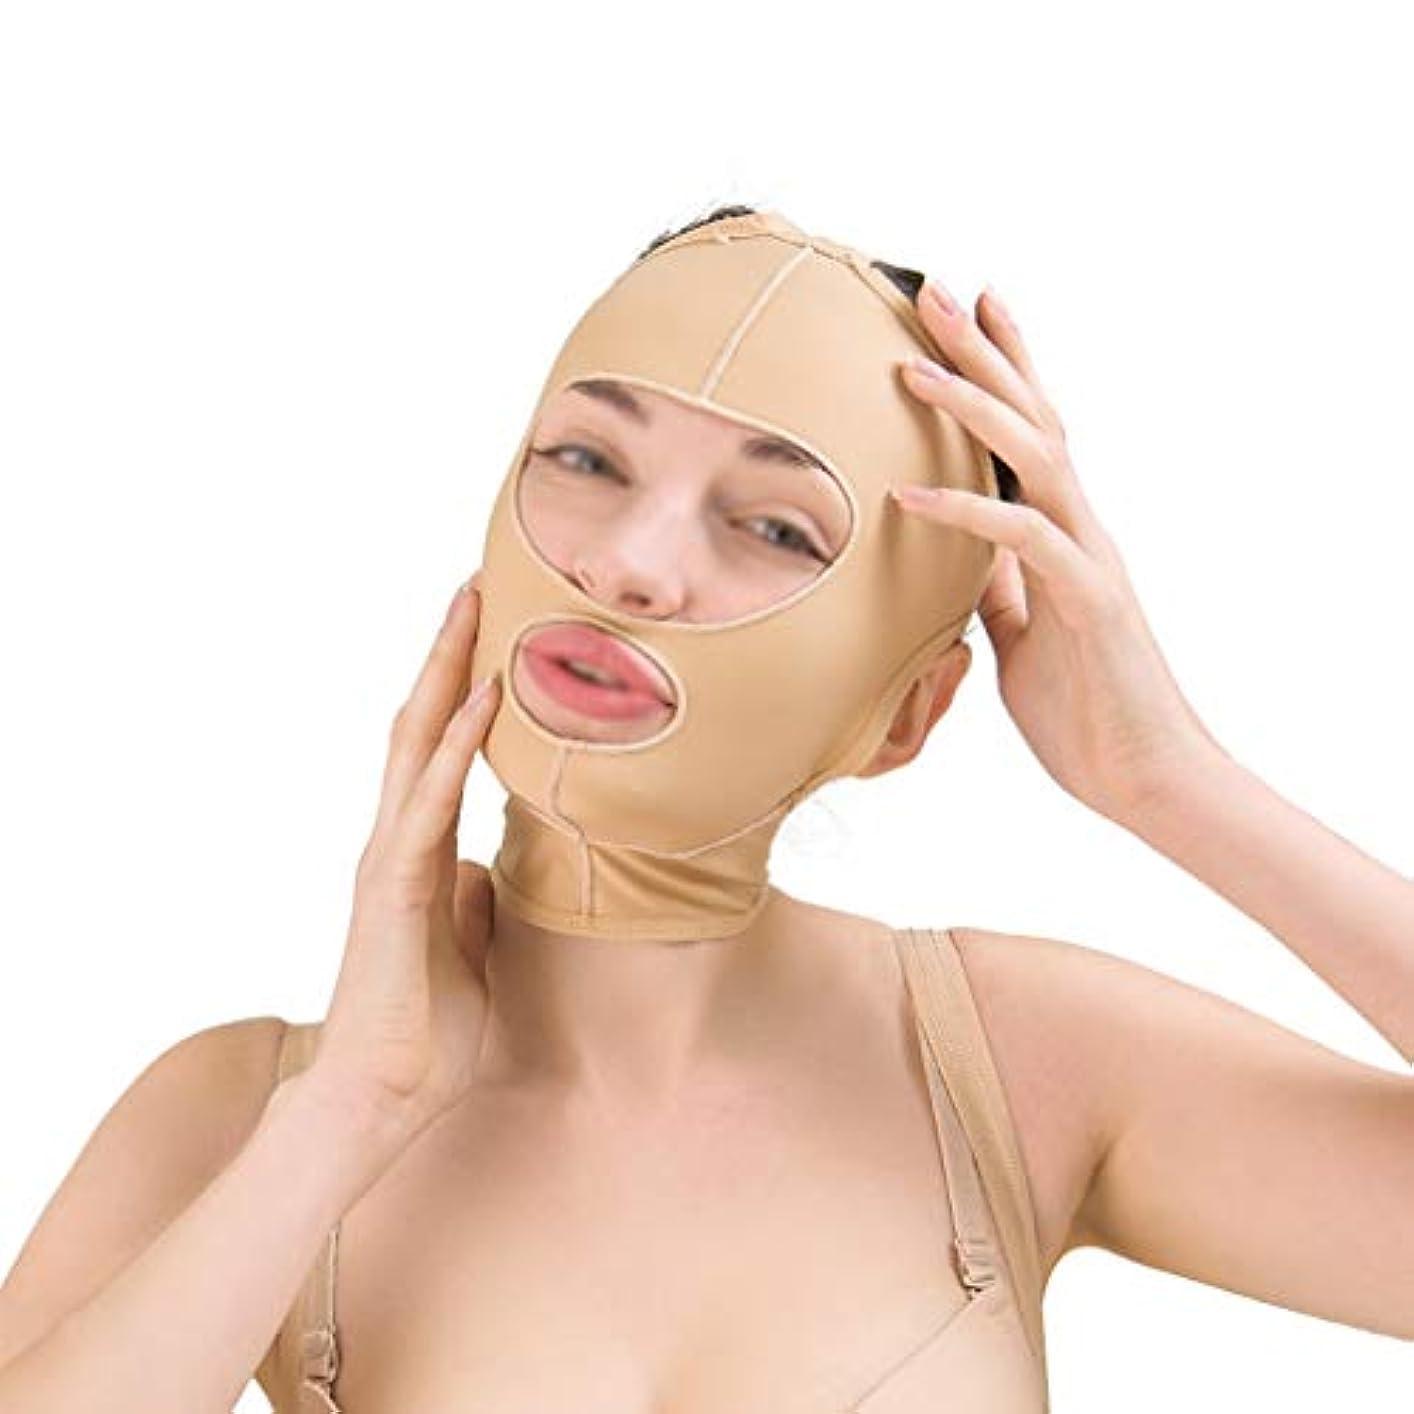 努力リング前投薬美容フェイスリフト減量ベルト、ほおスリムフィット、通気性フェイスリフト、引き締め、包帯を持ち上げる、フェイシャルスキン包帯 (Size : S)